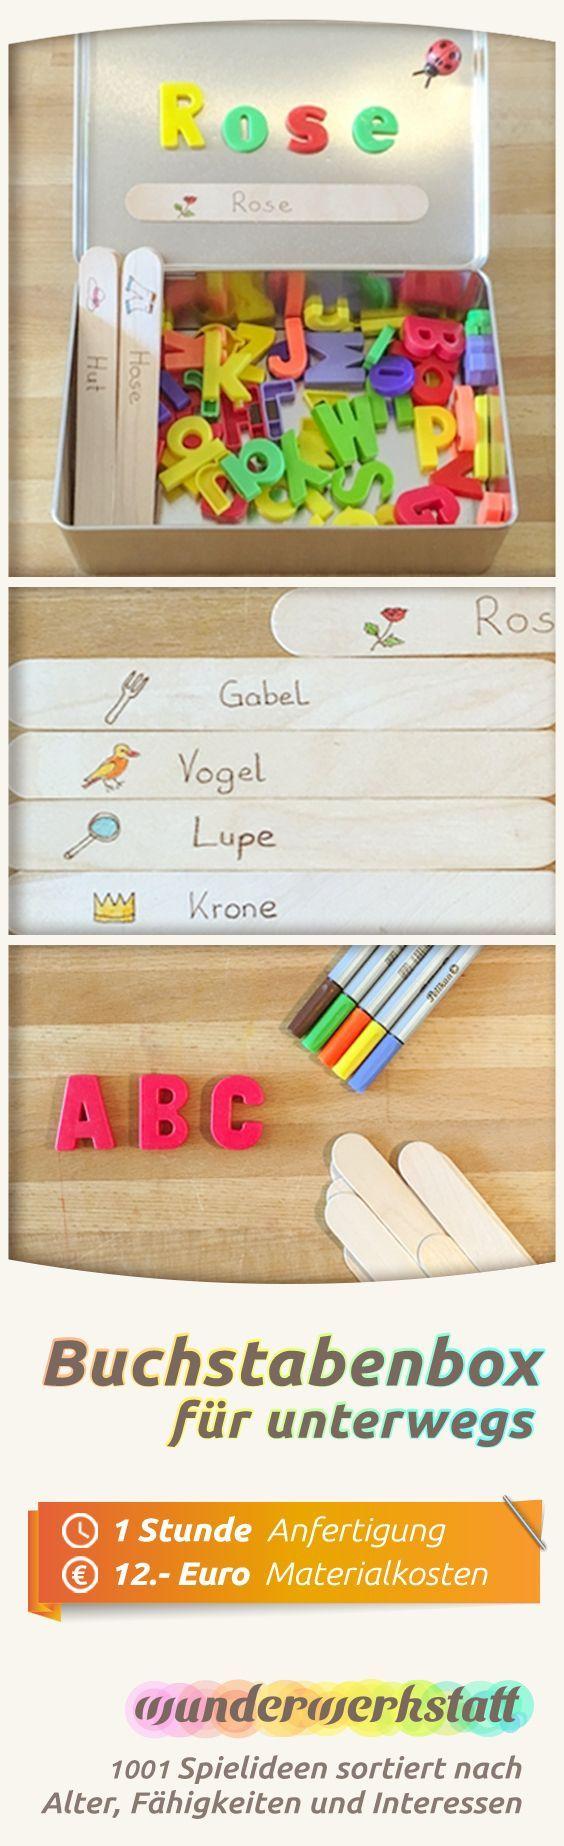 Buchstabenbox für unterwegs #learning